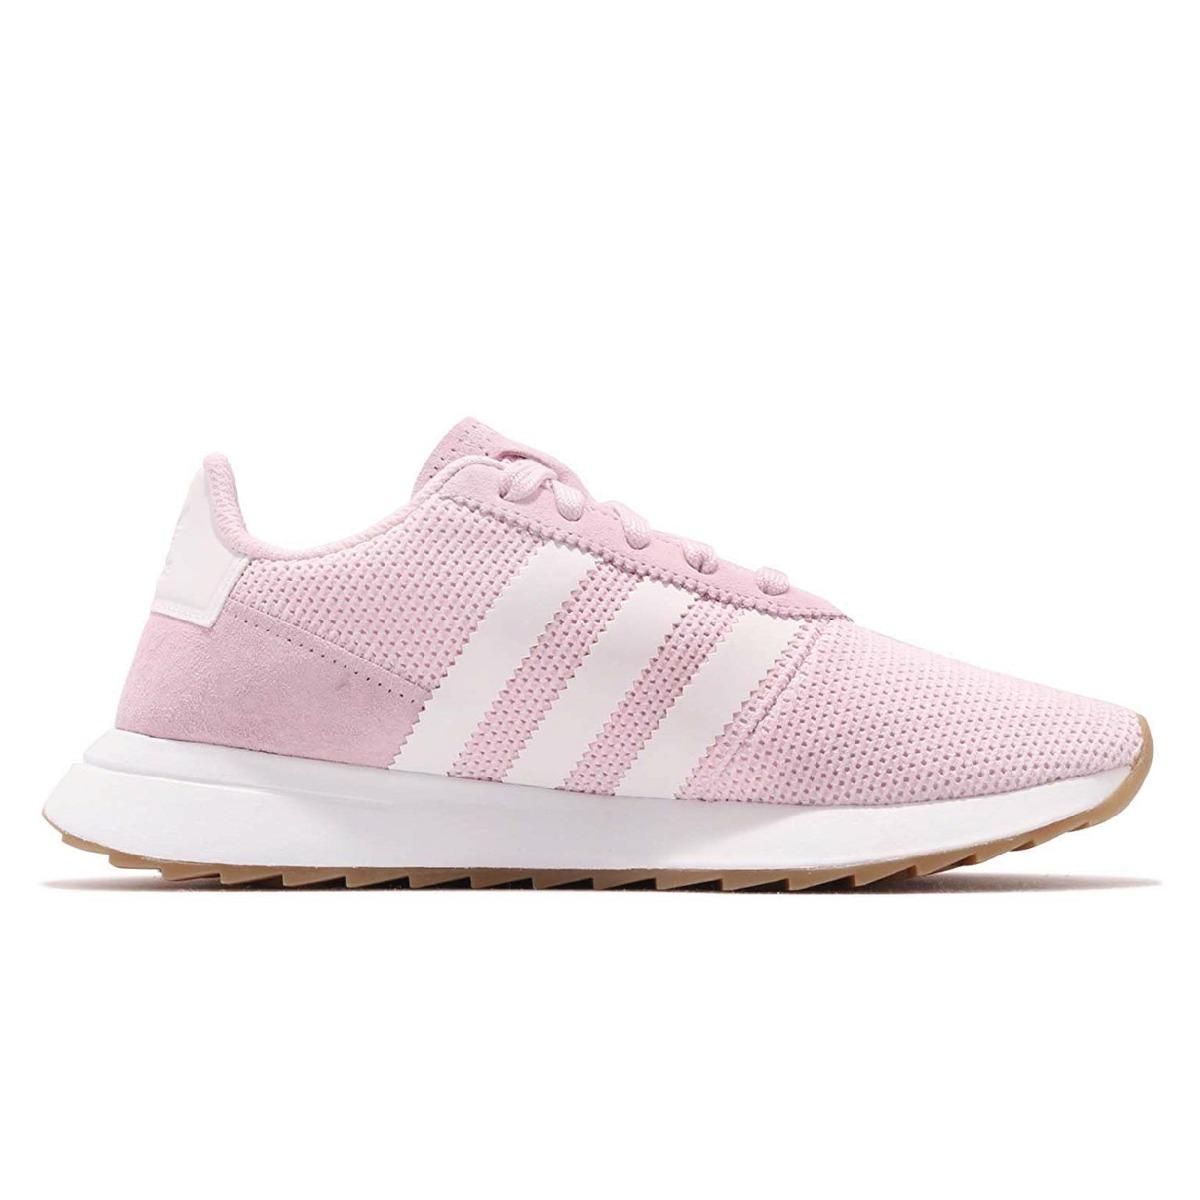 d40f478bb tenis adidas flb runner originales rosa mujer nuevos db2119. Cargando zoom.